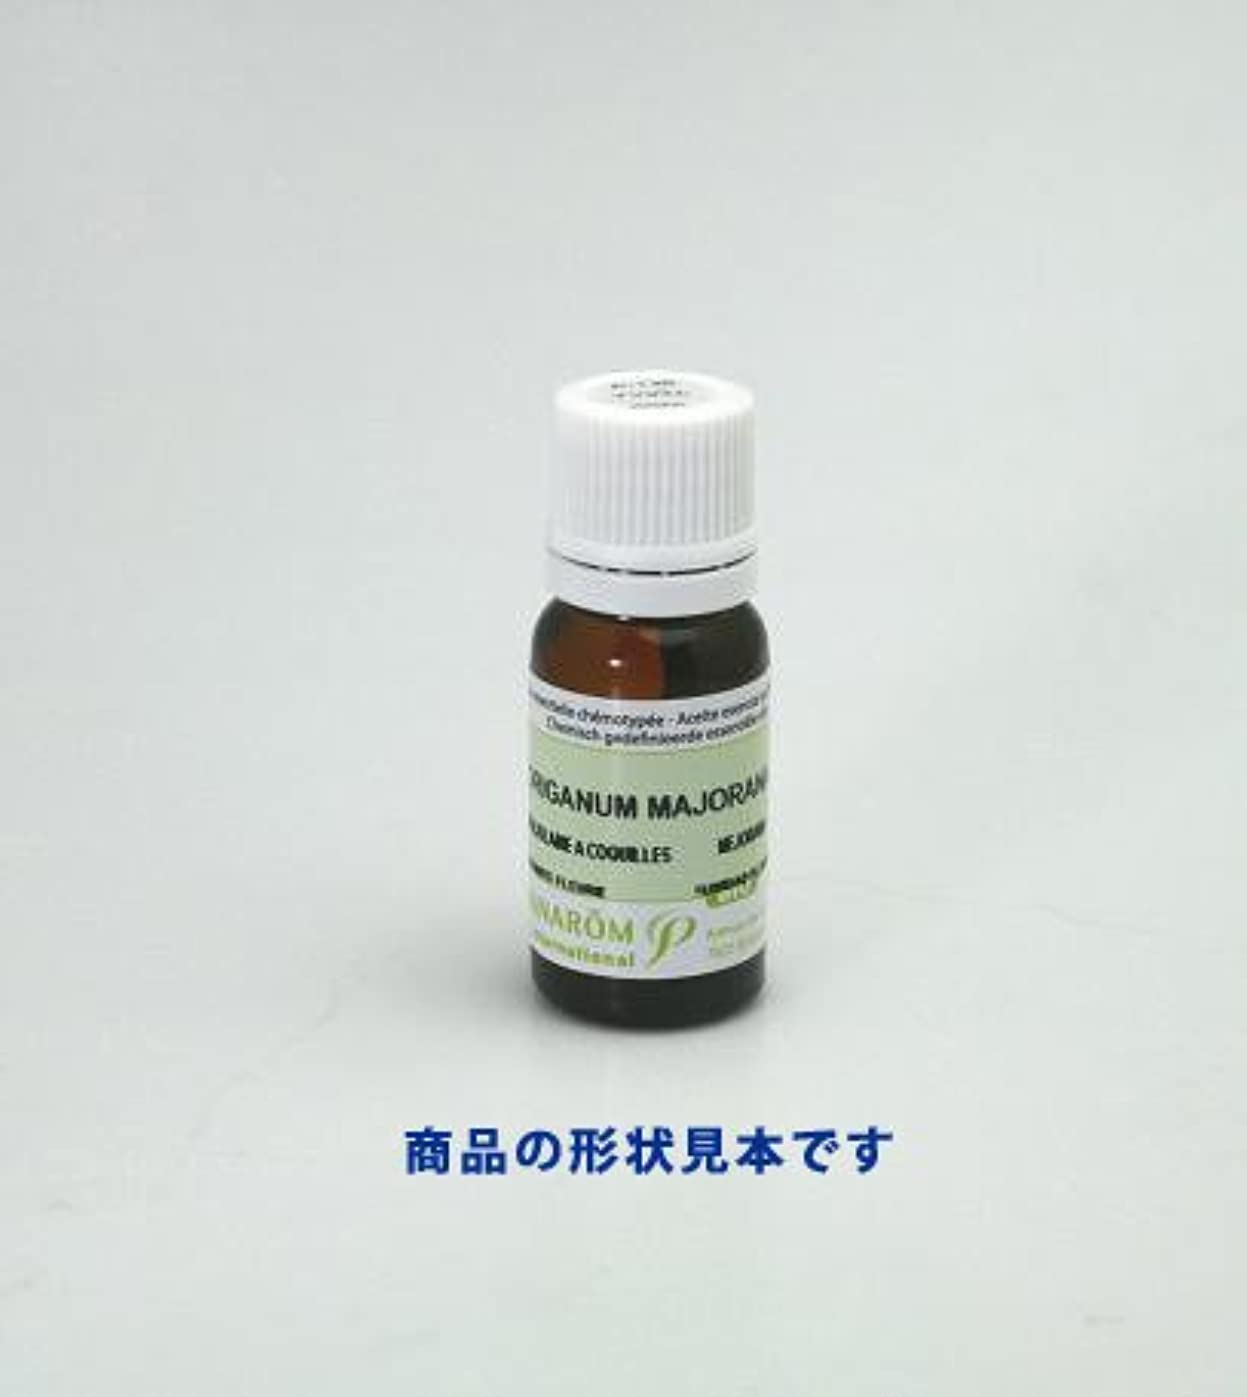 コンデンサーネズミ肺炎プラナロム社製精油:P-109 ティートゥリー(ティートリー)